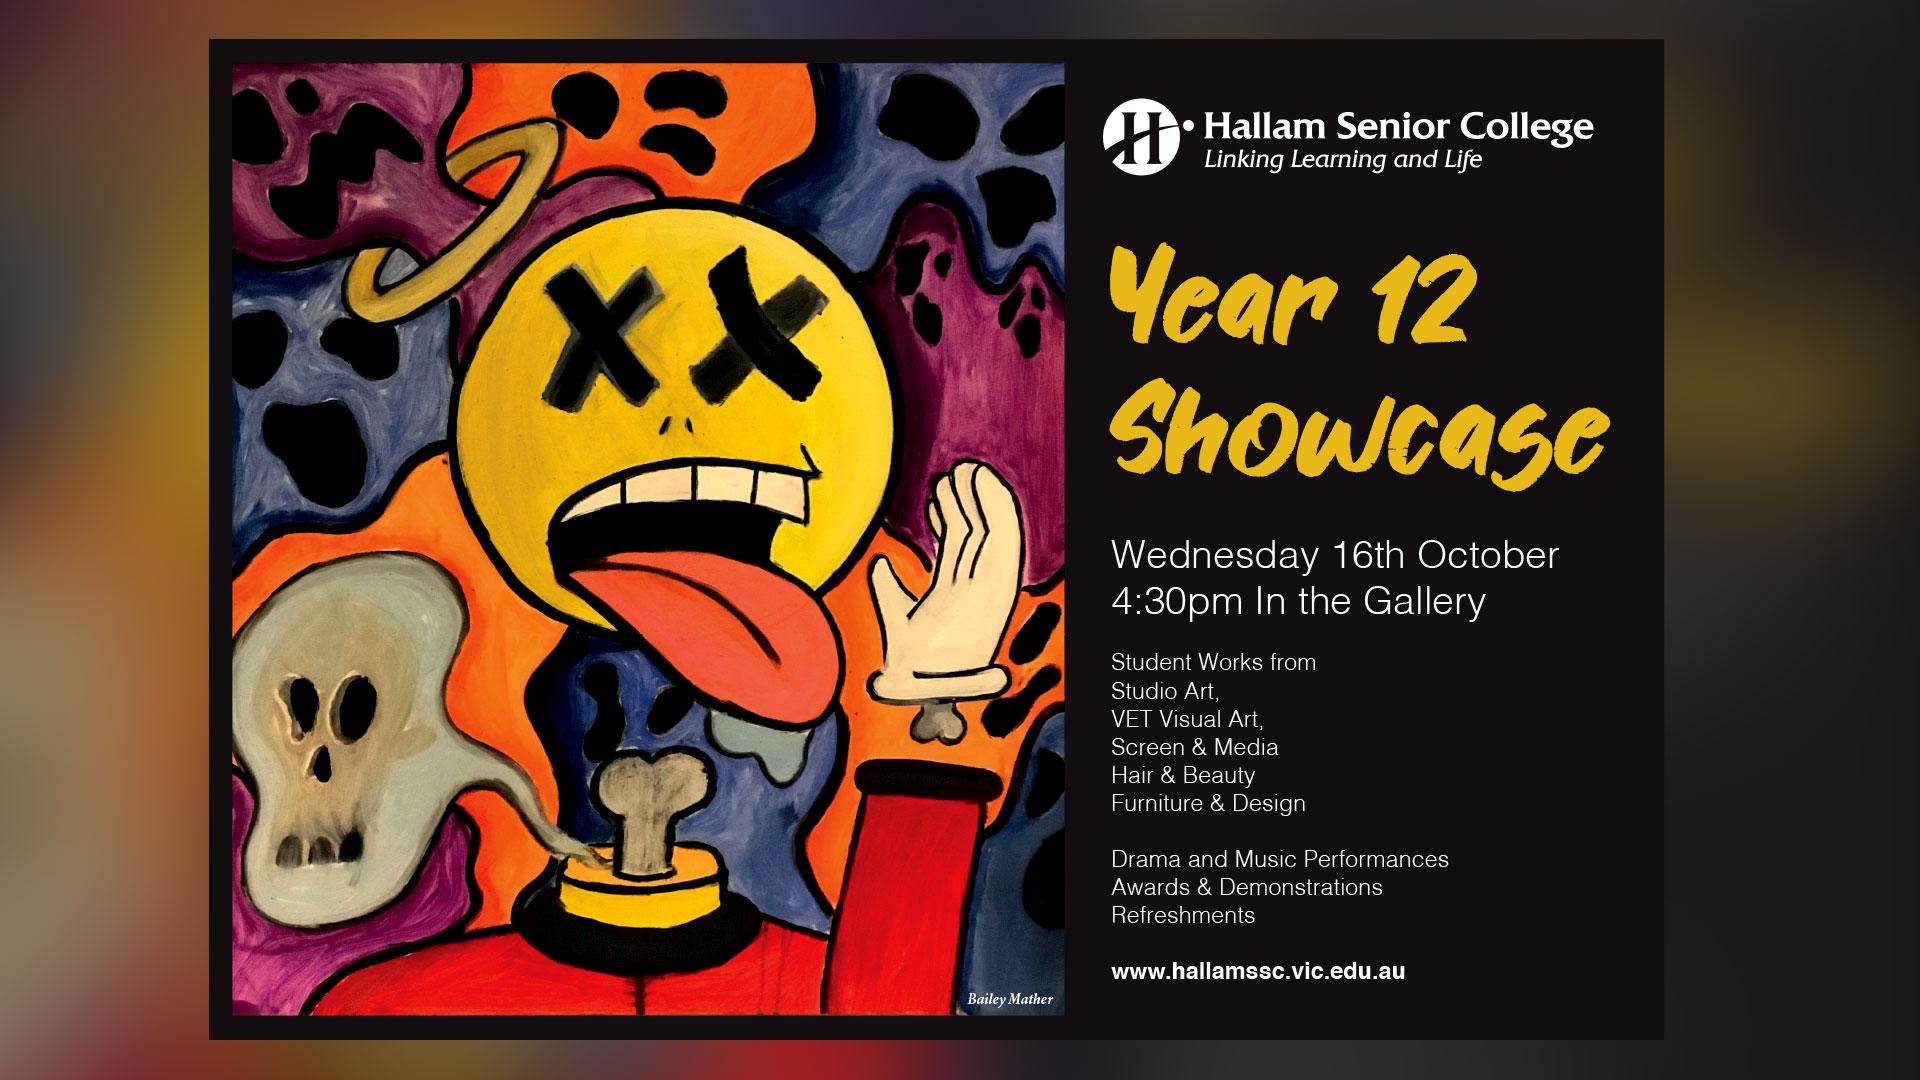 Yr 12 Showcase